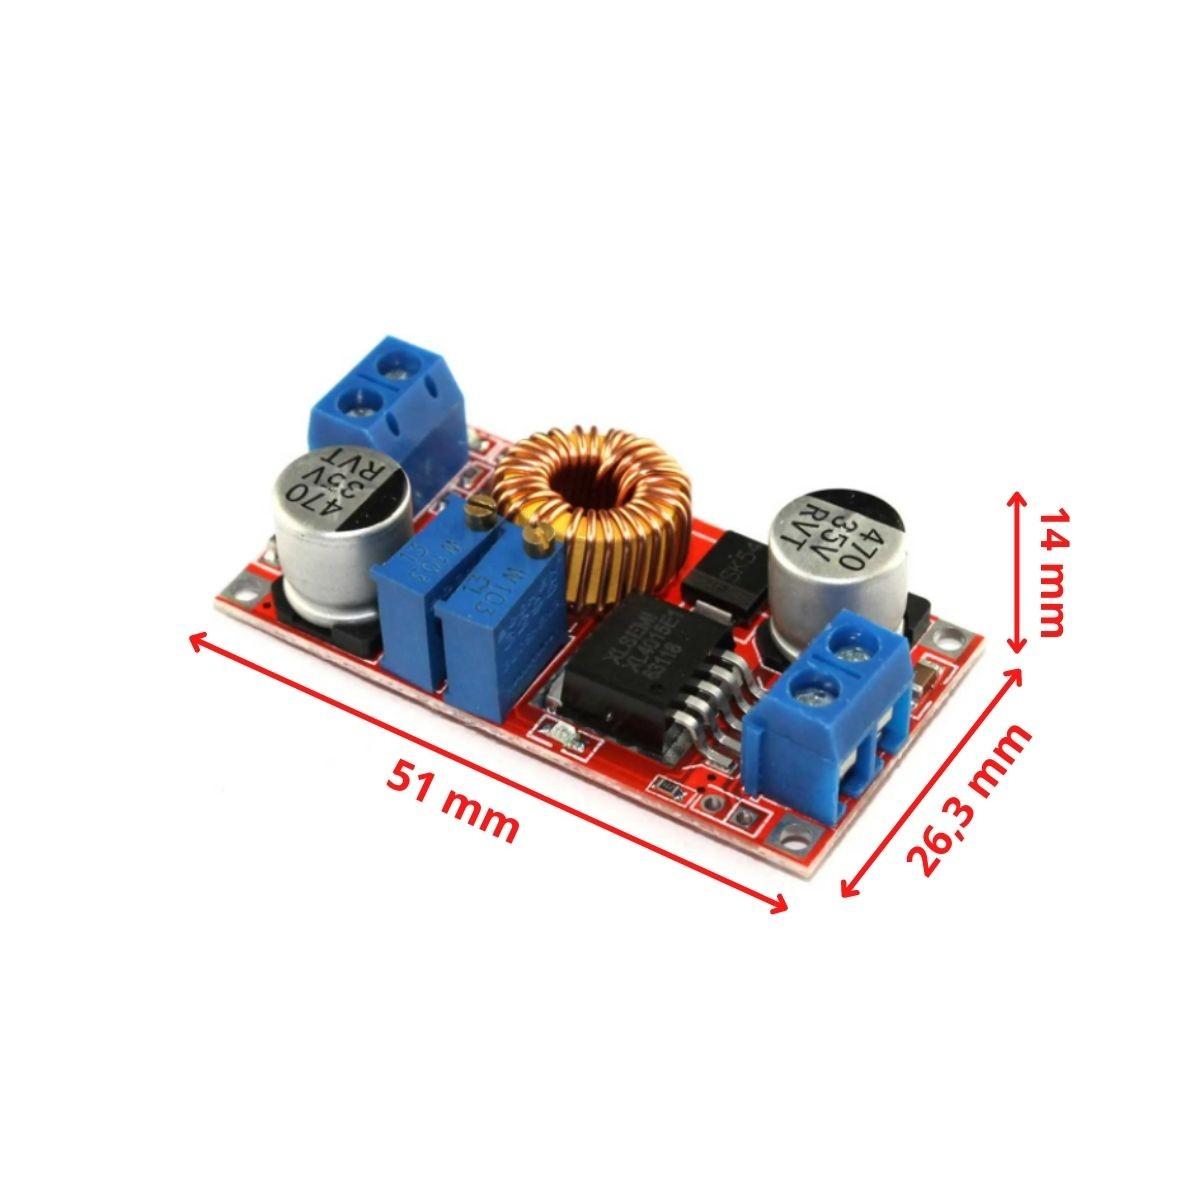 10x Regulador com Ajuste de Corrente e Tensão XL4015 5A DC DC Step Down